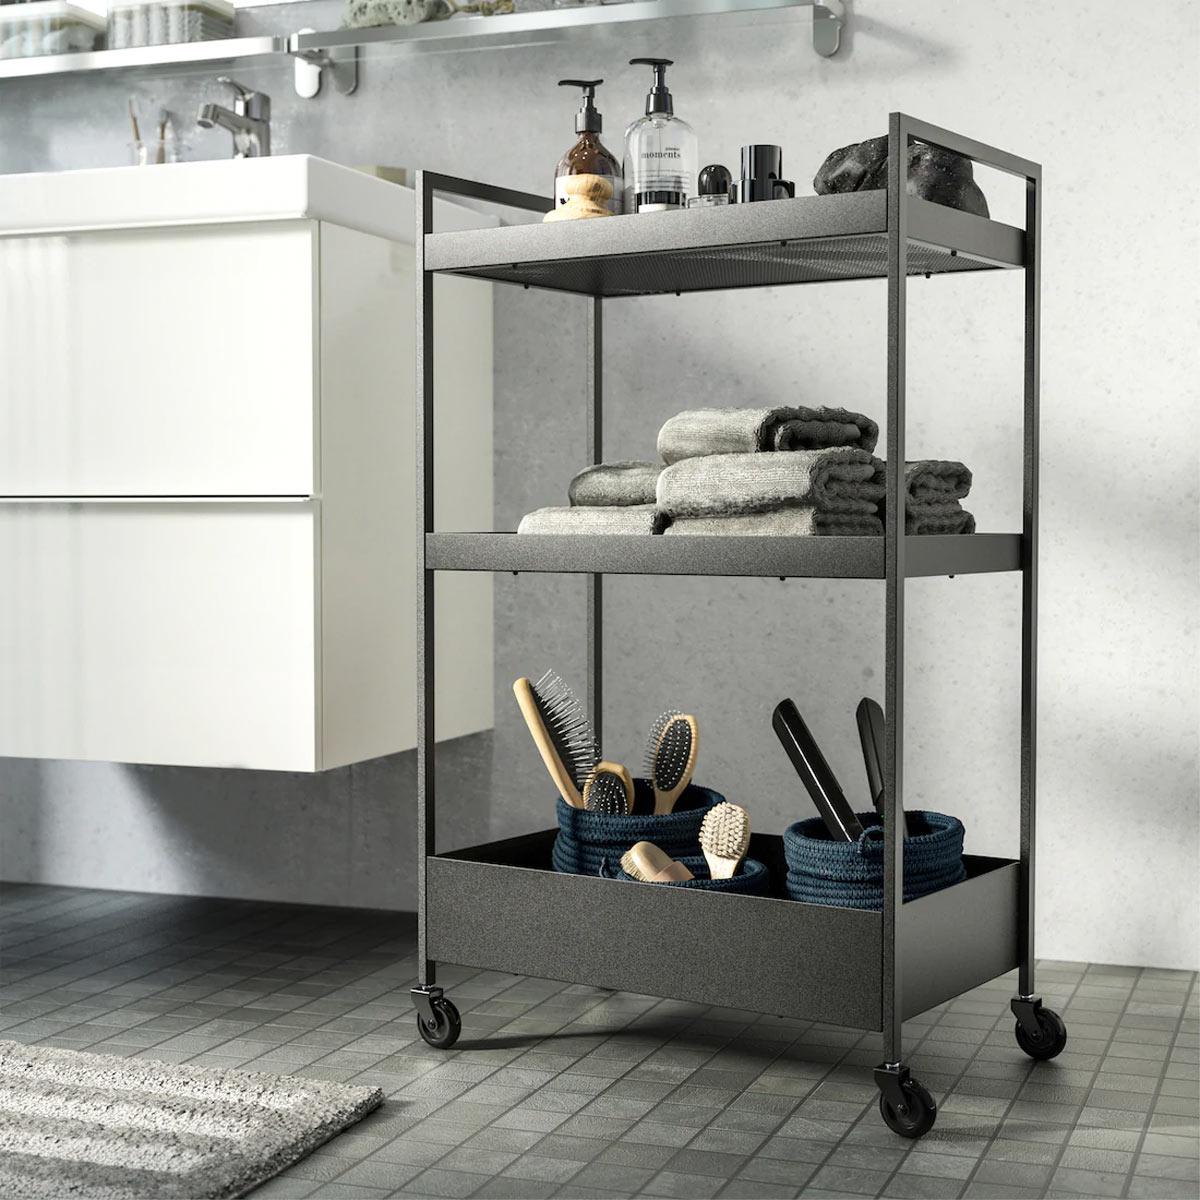 Ikea Arredo Bagno Roma.Ikea Bagno I Mobili Del Catalogo 2020 Lasciati Ispirare